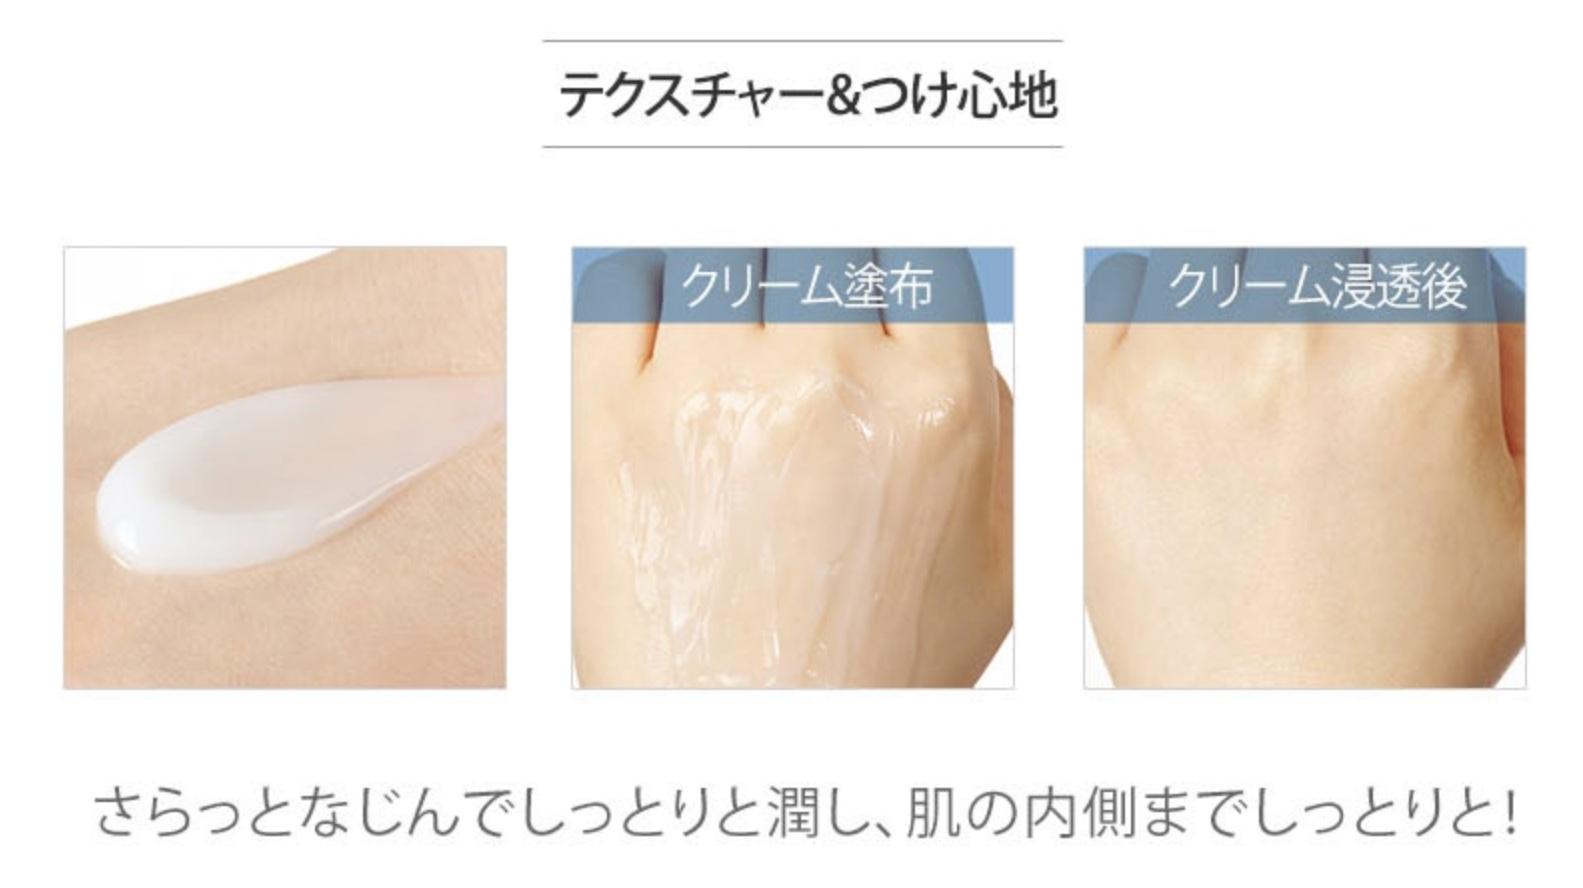 韓国 水分クリーム スキンケア おすすめ ネイチャーリパブリック スーパーアクアマックス 混合肌